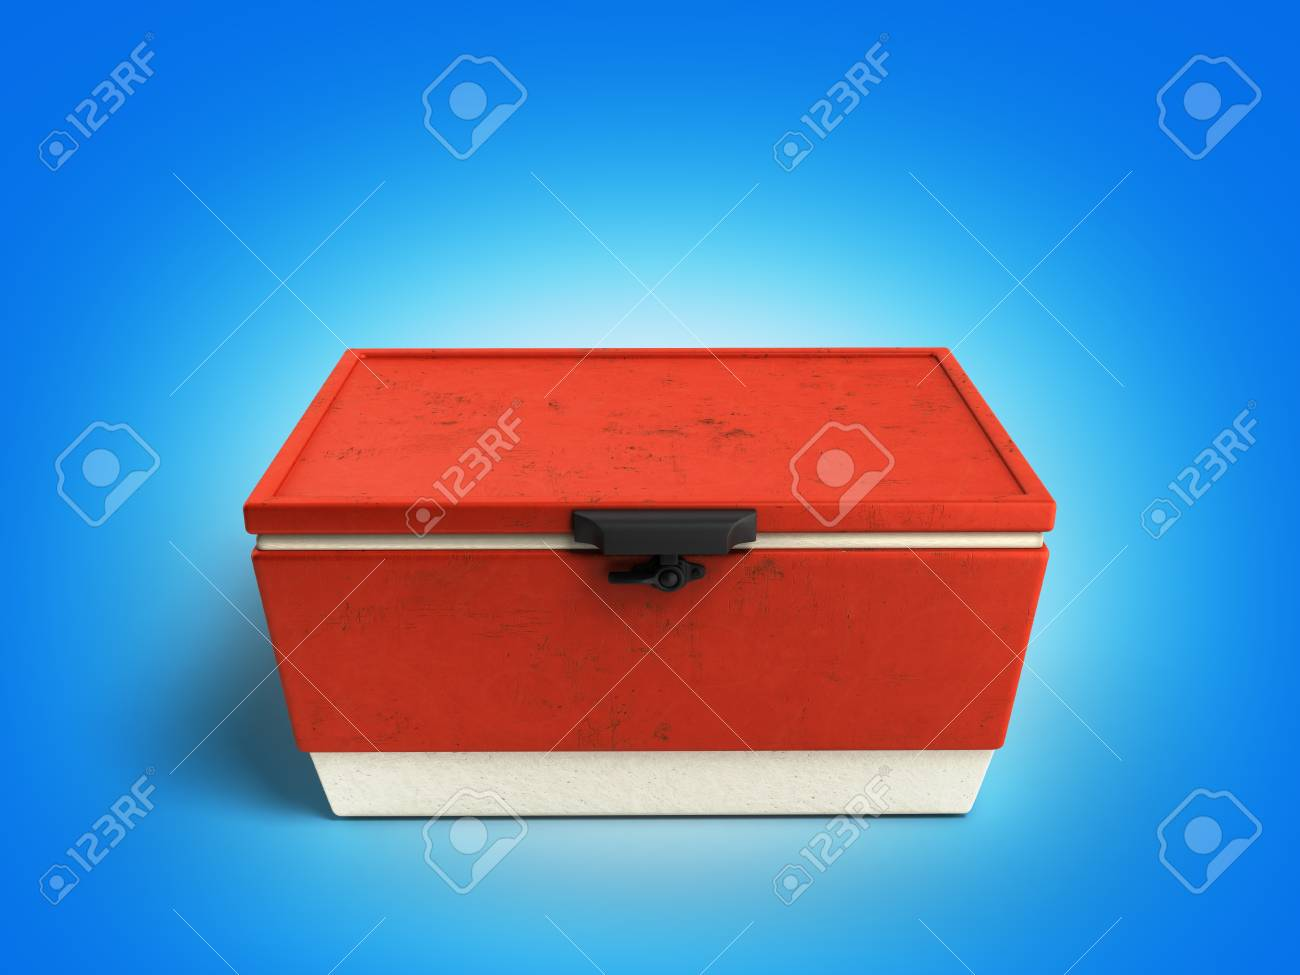 Kühlschrank Rot : Strand kühlschrank kühler rot 3d render auf farbverlauf hintergrund